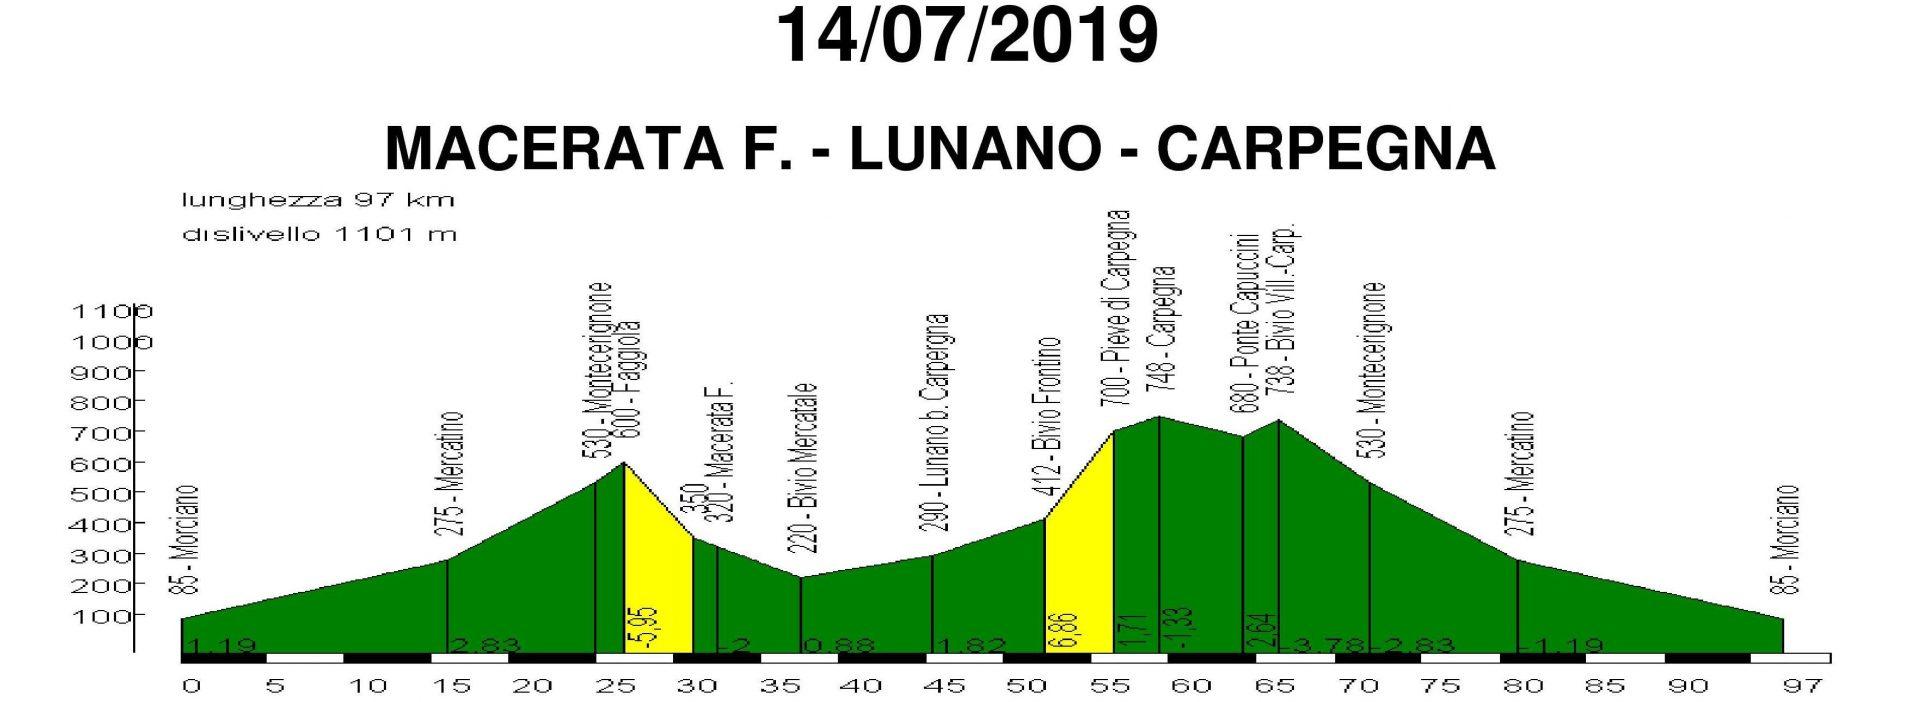 Domenica 14-lug-2019 Macerata Feltria – Lunano